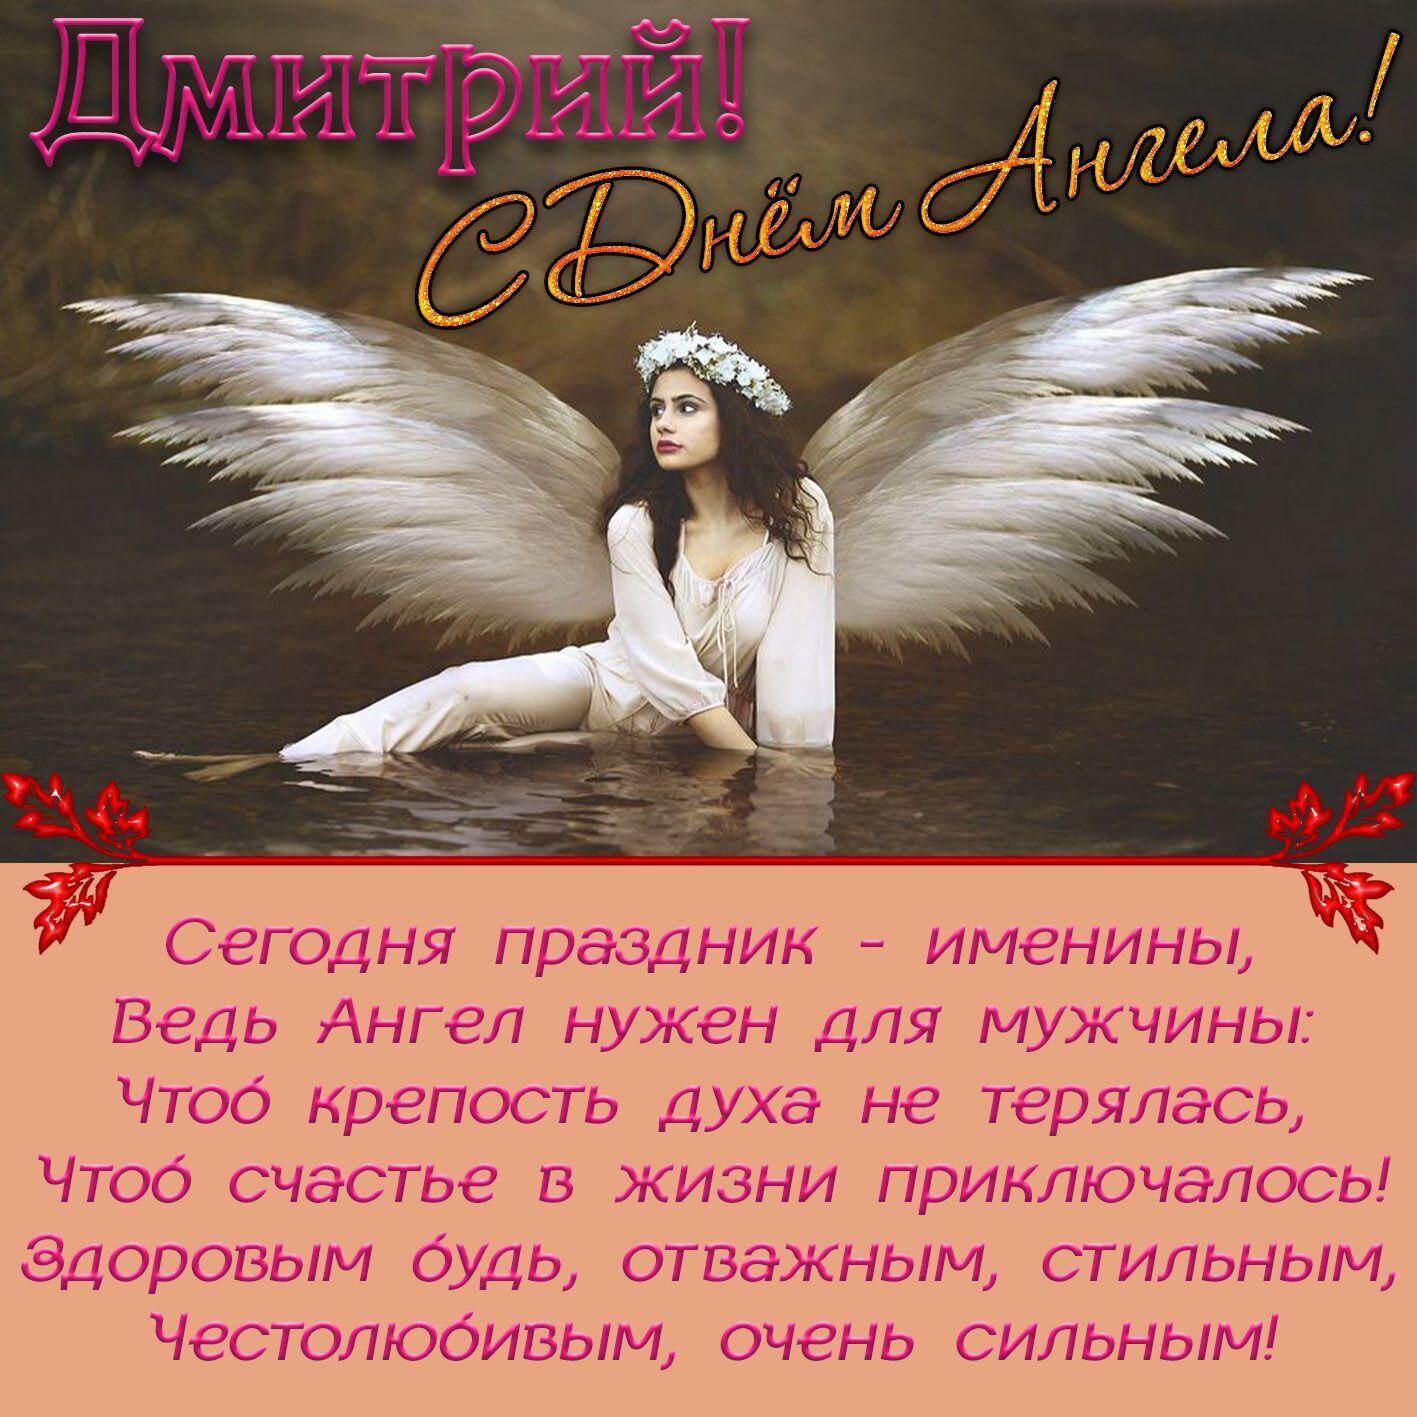 Поздравления с днем ангела Дмитрия